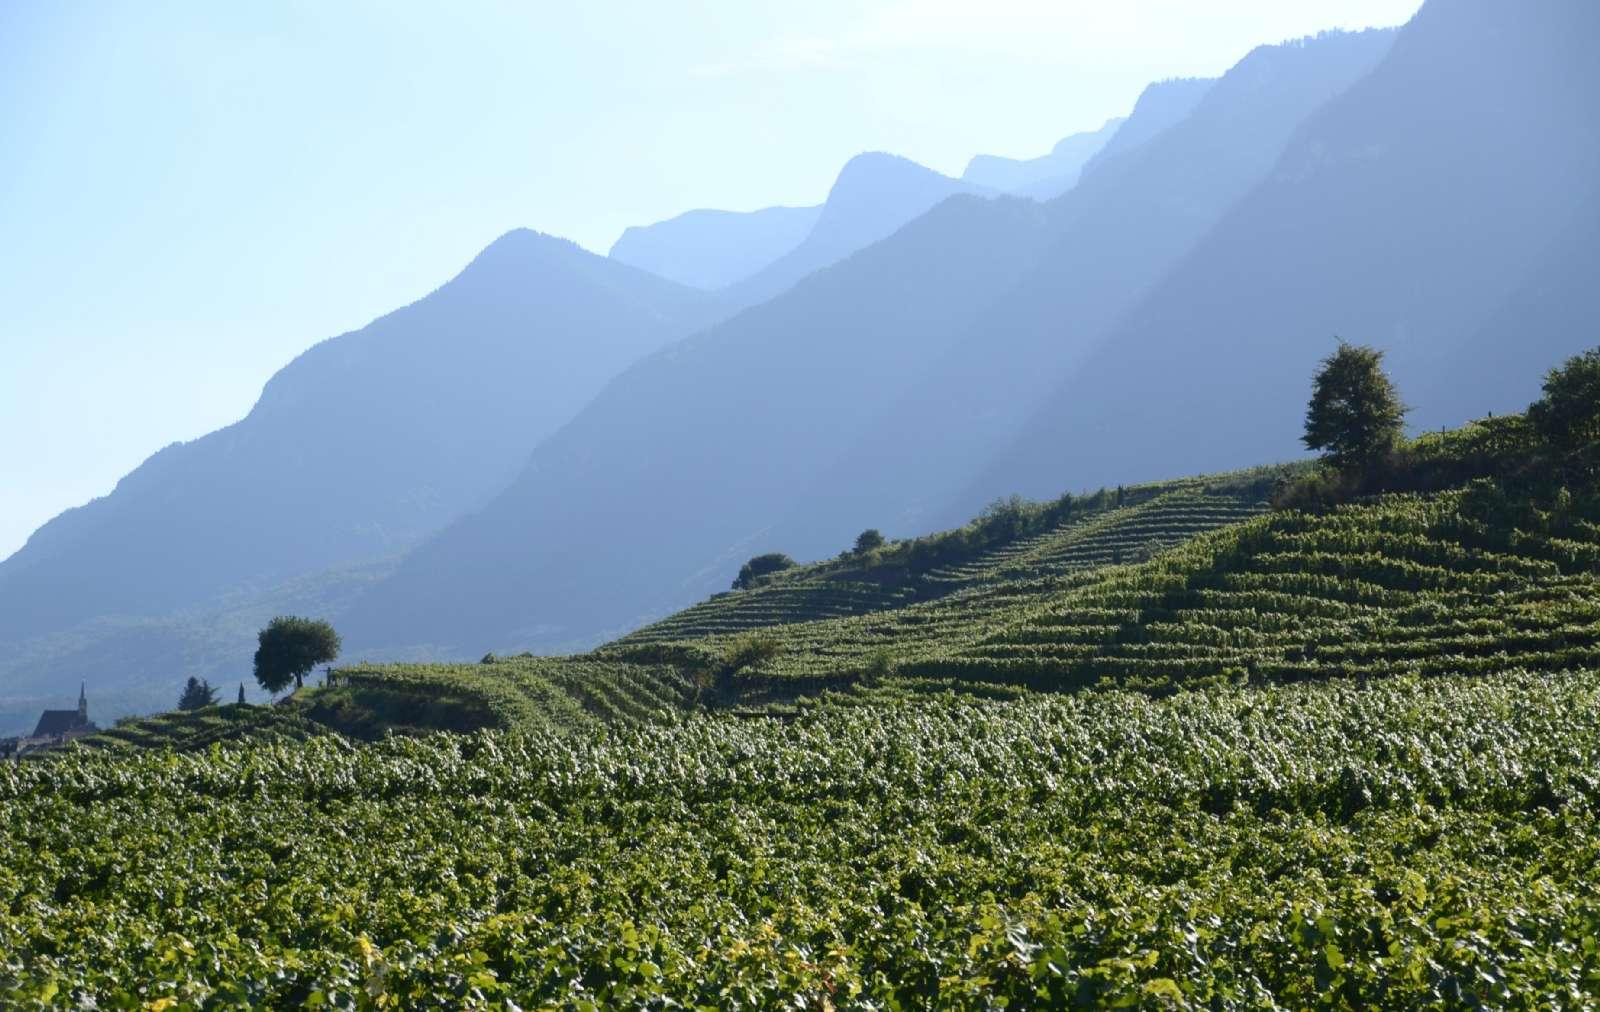 Région viticole entre Bolzano et Trento, à Caldaro